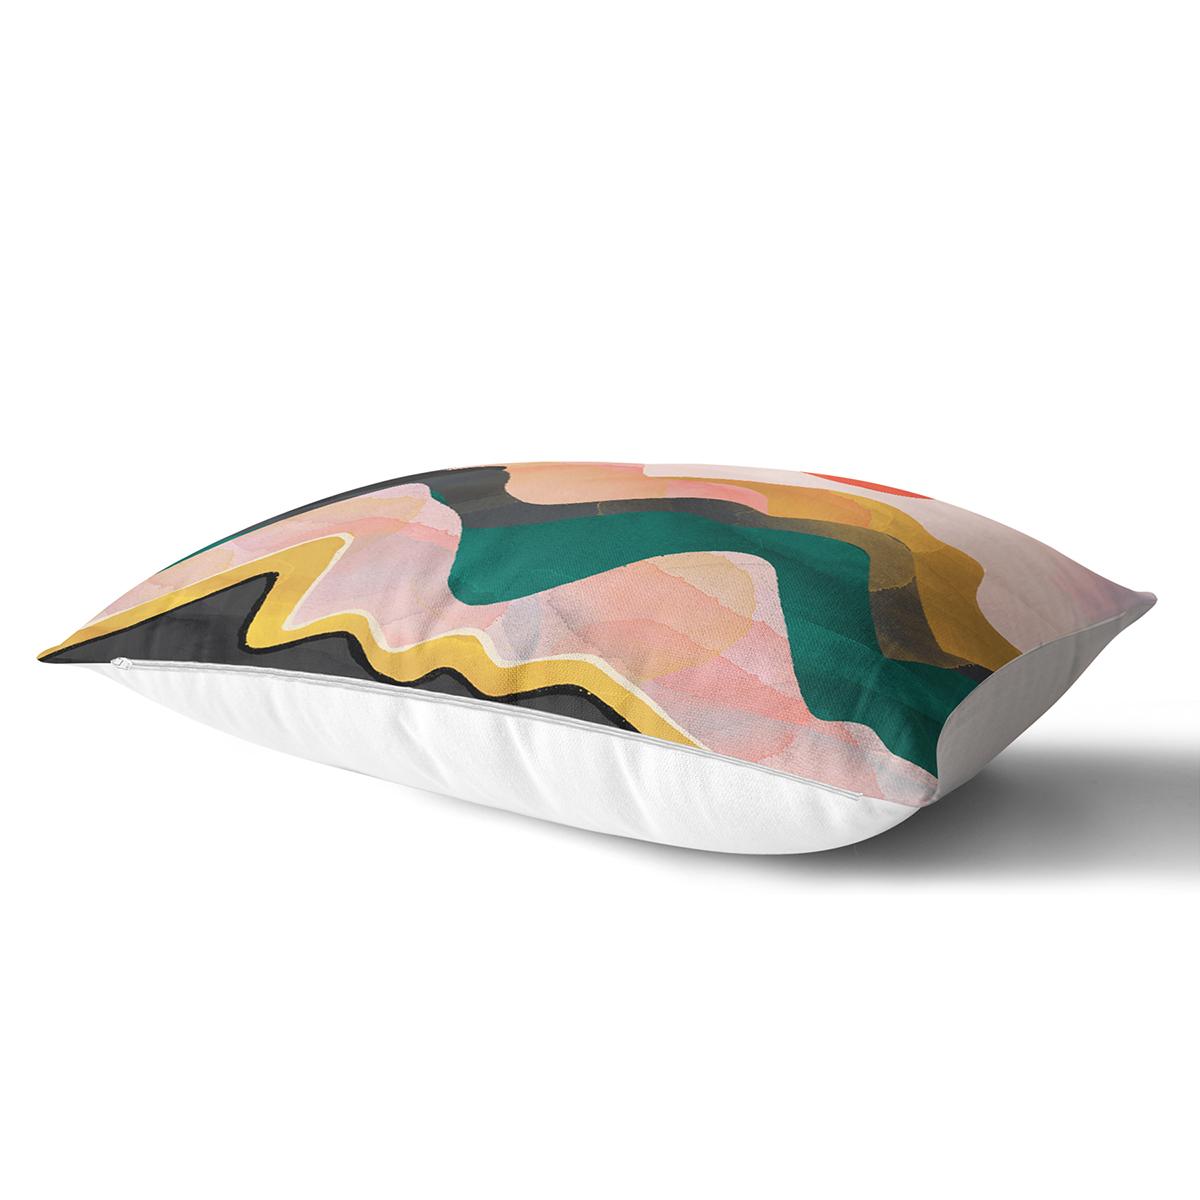 Renkli Zeminli Geometrik Desenli Dijital Baskılı Modern Dikdörtgen Yastık Kırlent Kılıfı Realhomes